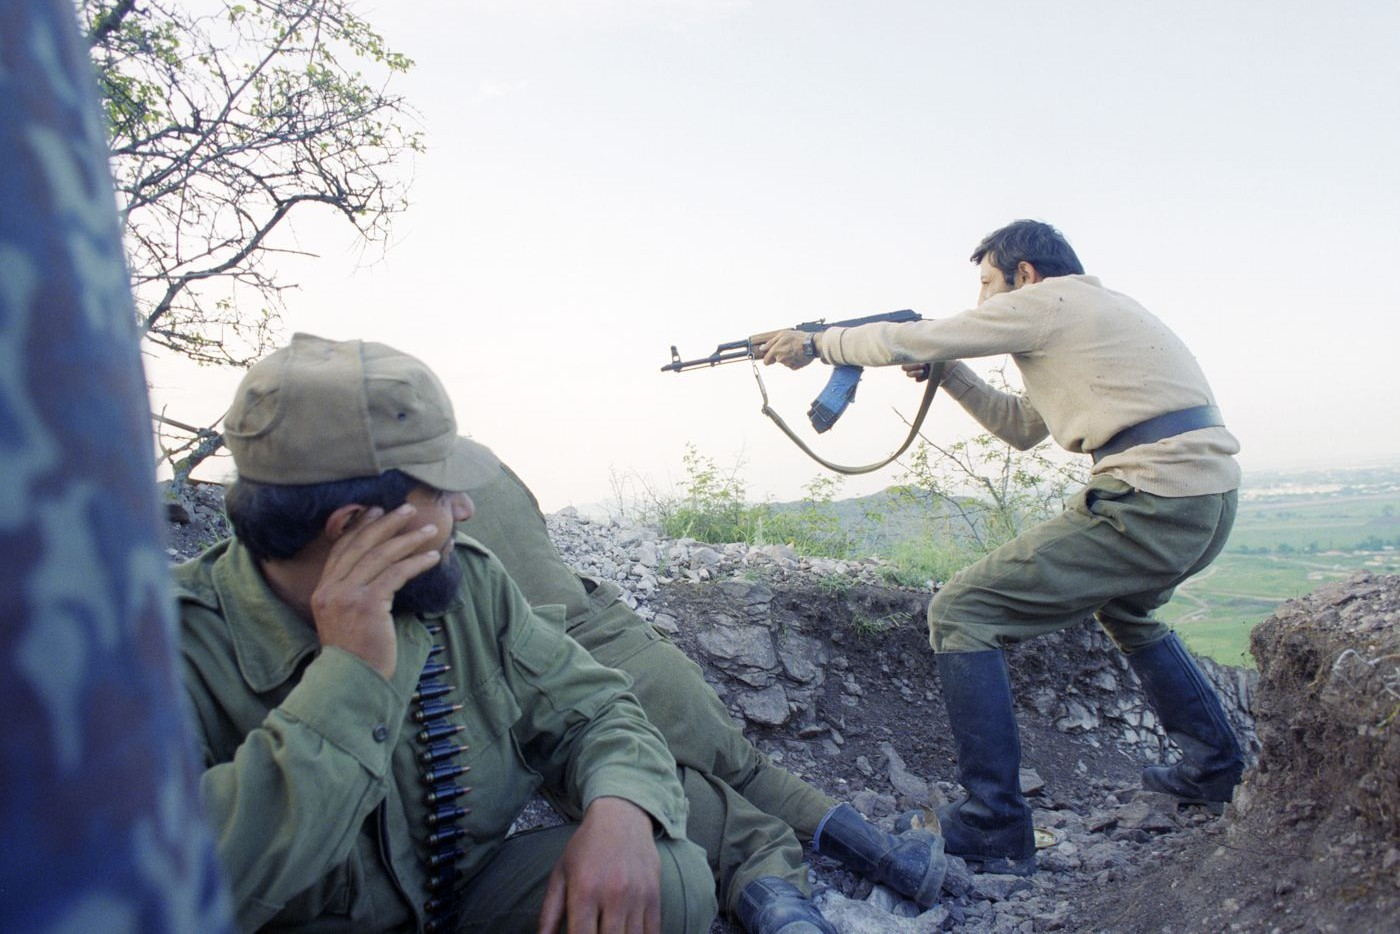 Vojnici tokom ratnih dejstava 1992. godine u selu Šeli u Nagorno-Karabahu (Foto: ITAR-TASS/Sergei Mamontov; Alexander Nemyonov via Getty Images)